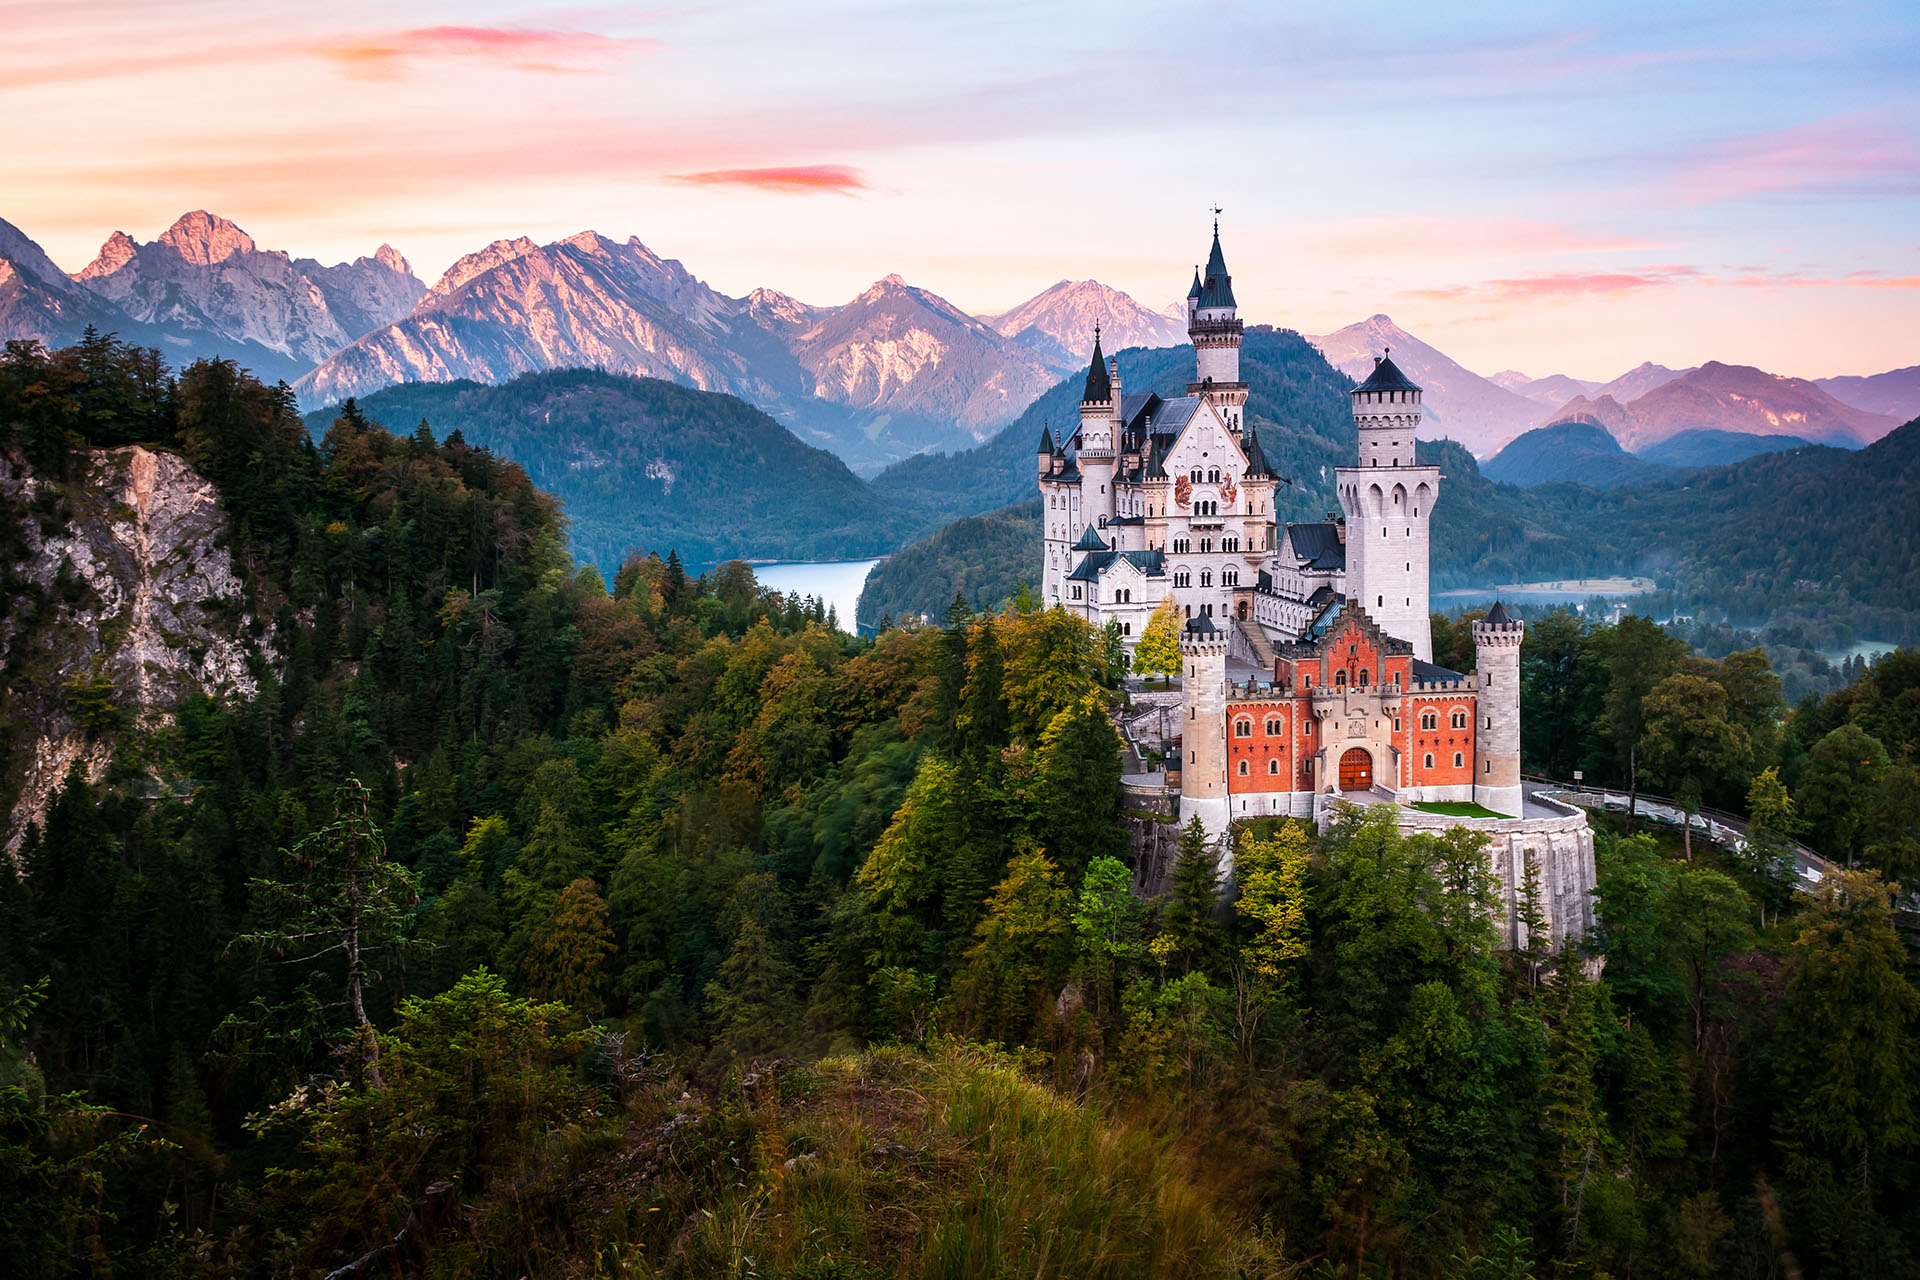 El Castillo de Neuschwanstein es una construcción de ensueño rodeada por un hermoso paisaje que inspiró al mismísimo Walt Disney para la creación del castillo de la Bella Durmiente. Se ubica a 130 km de Munich, Alemania